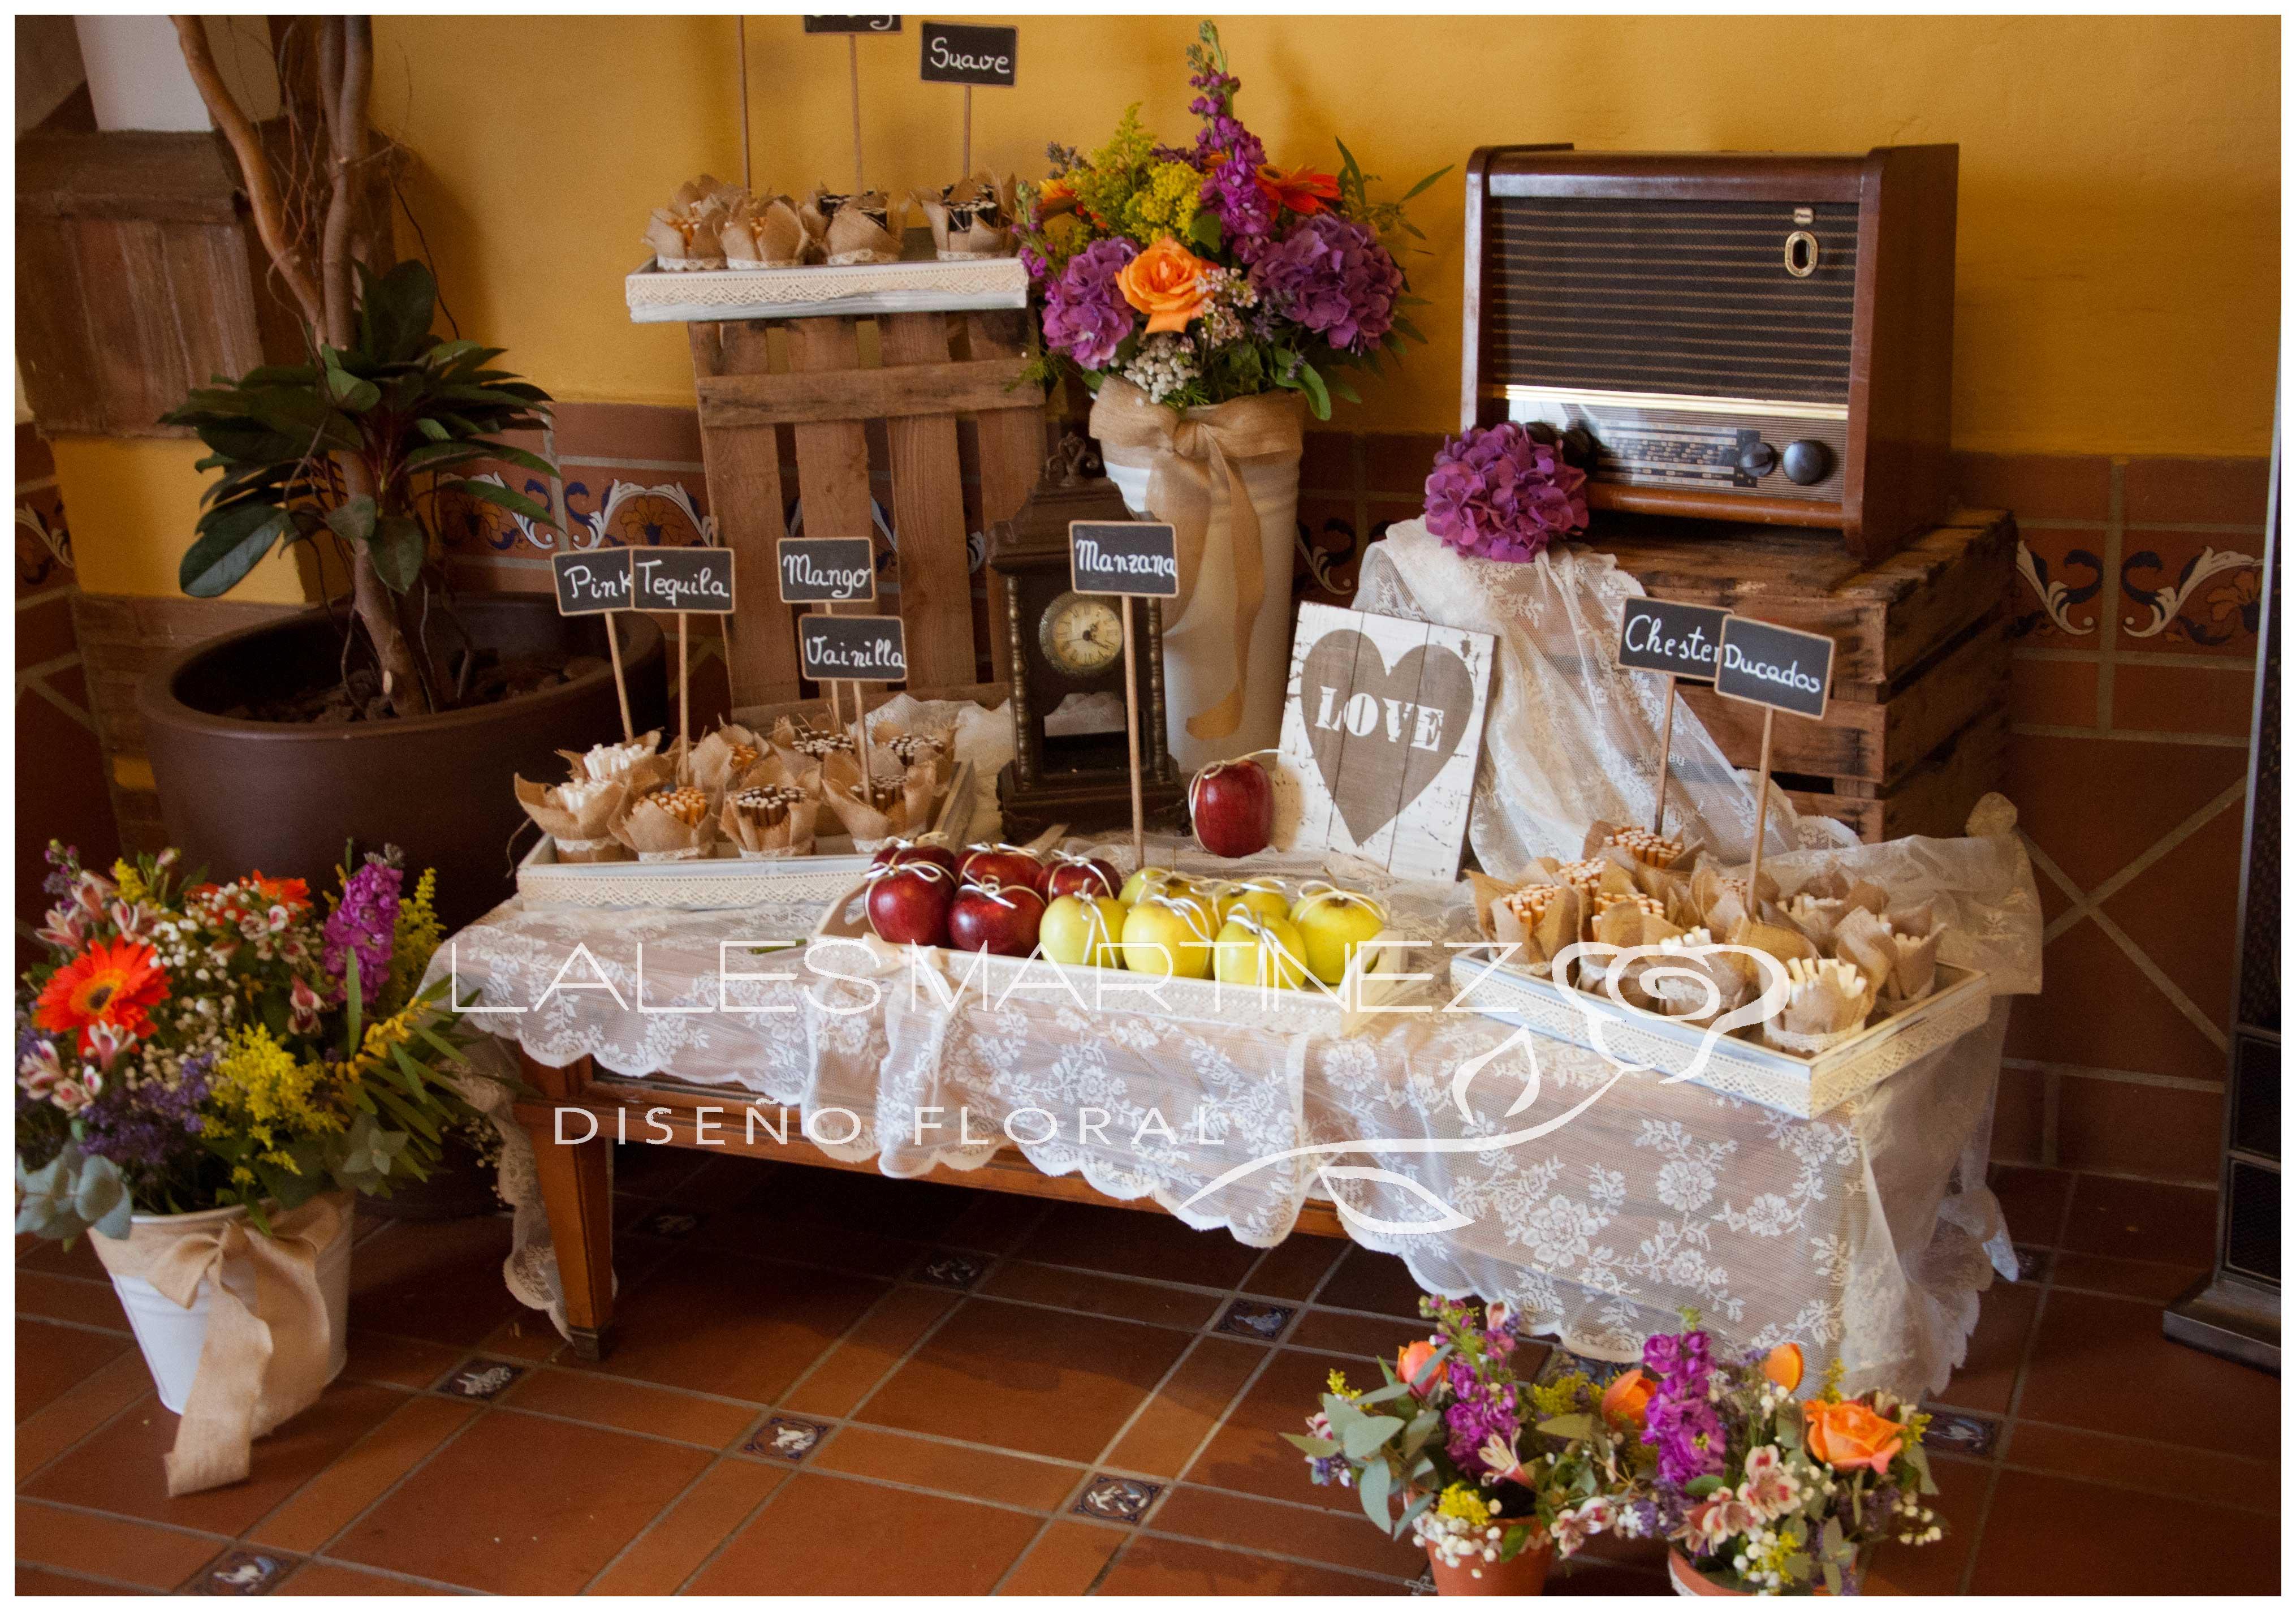 Lales martinez vintage y r stica terraza carmona vera for Fotos de mesas de bodas